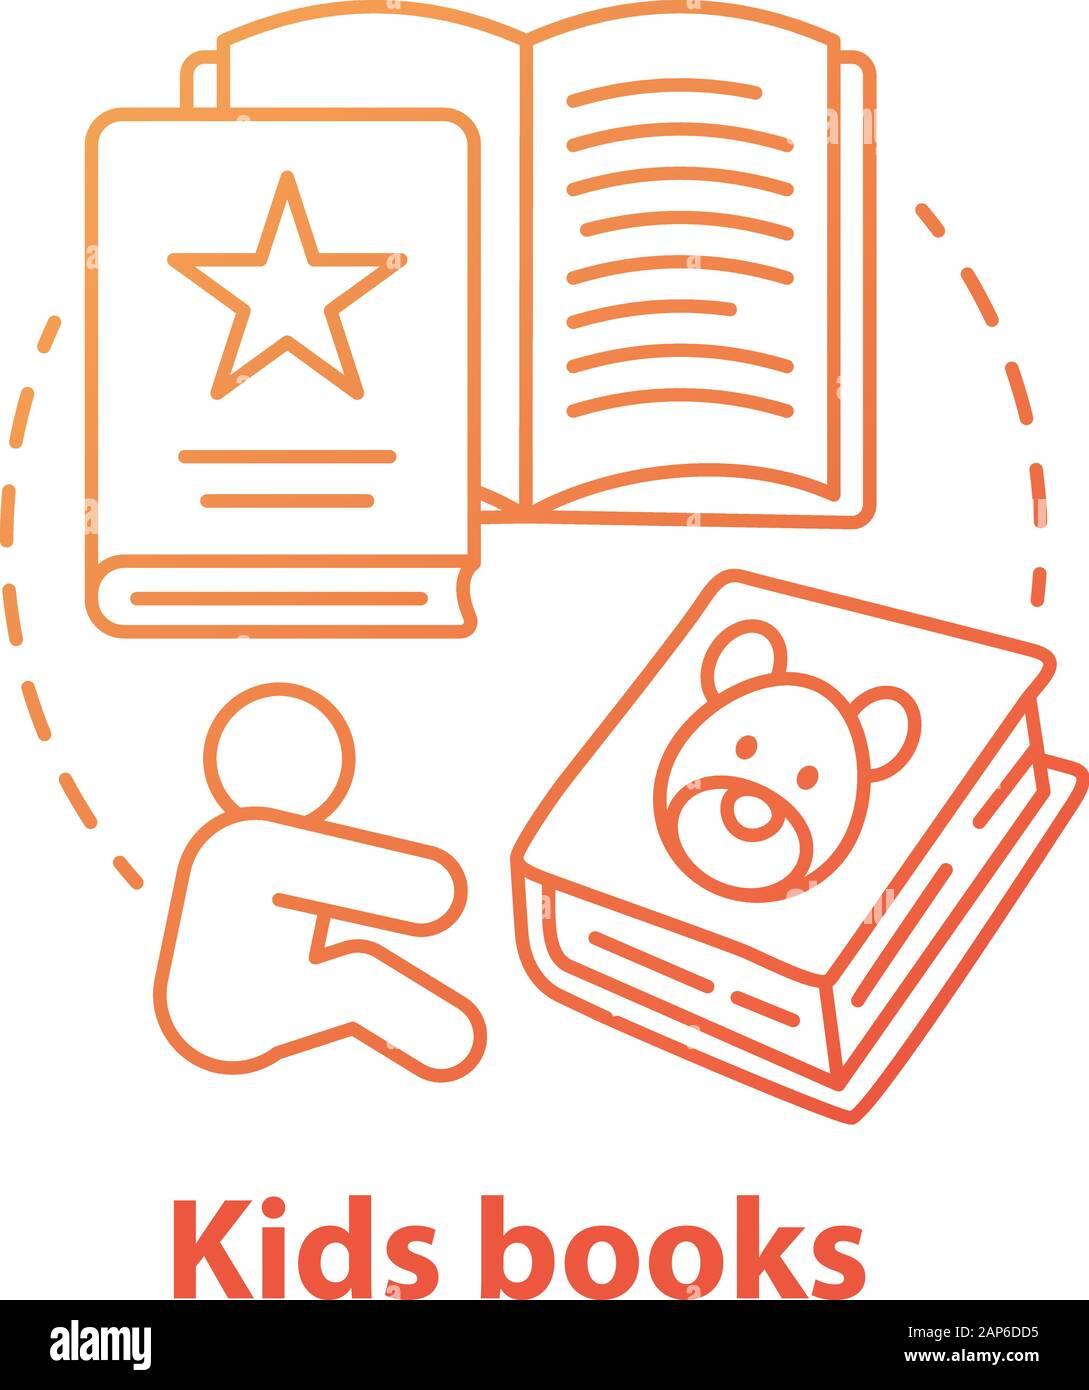 Enfants livres concept rouge icône. La littérature pour enfants idée fine ligne illustration. Des contes, des livres d'images, des poèmes pour enfants. L'exercice de l'éducation préscolaire Illustration de Vecteur